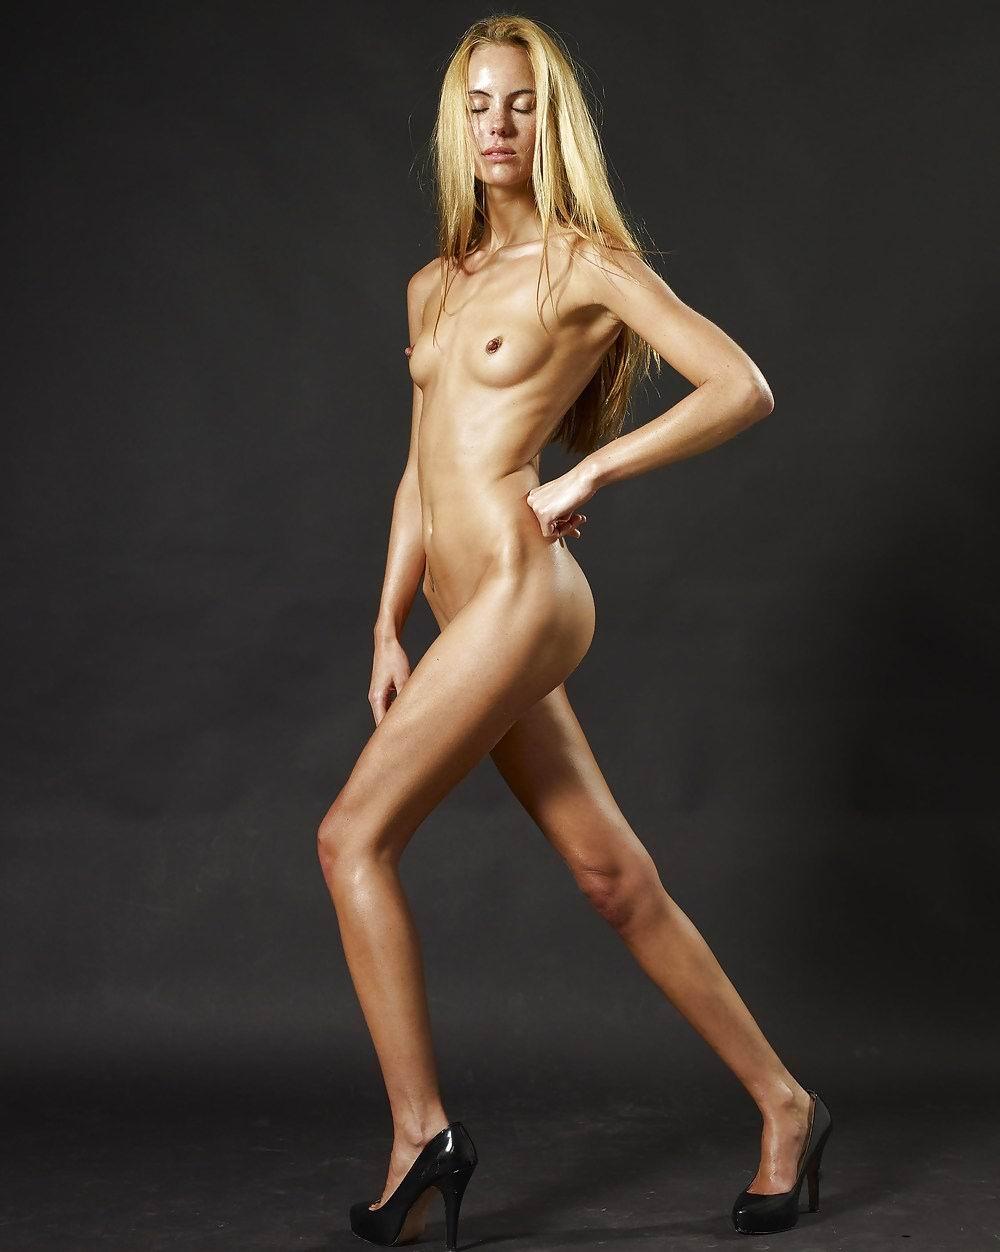 Худая голая веб 21 фотография